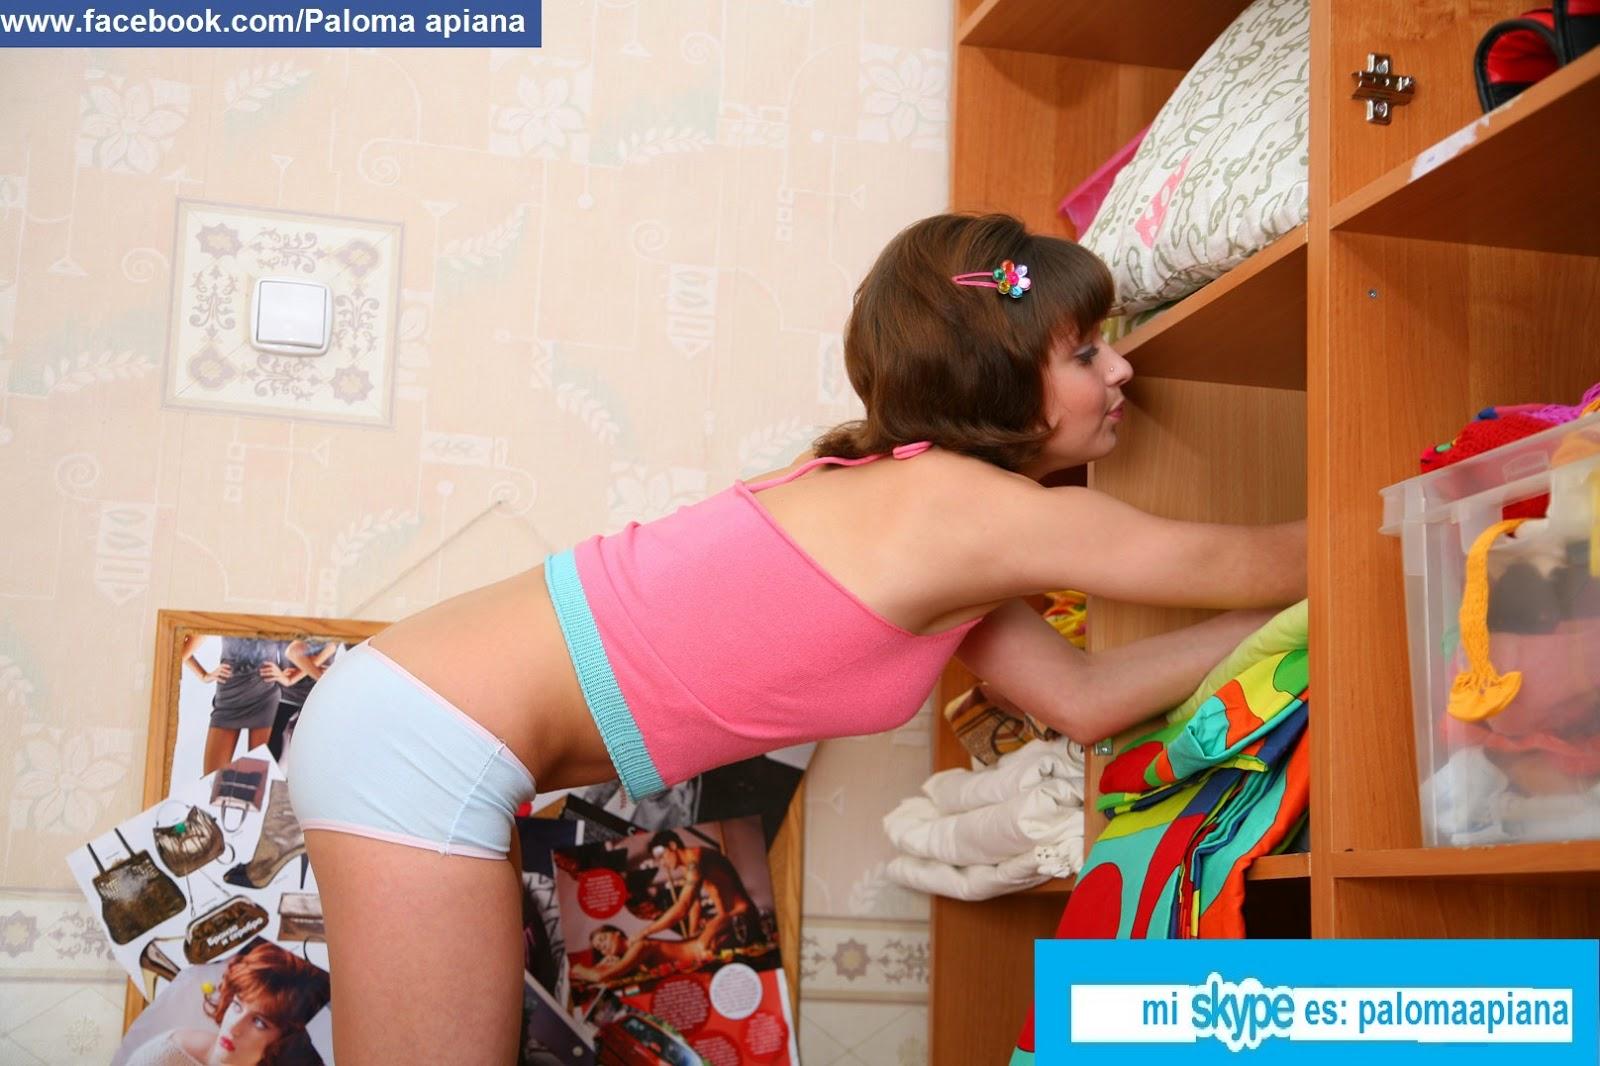 Fotos Y Videos De Mujeres Peruanas Facebook Porno Seo Anal Gratis